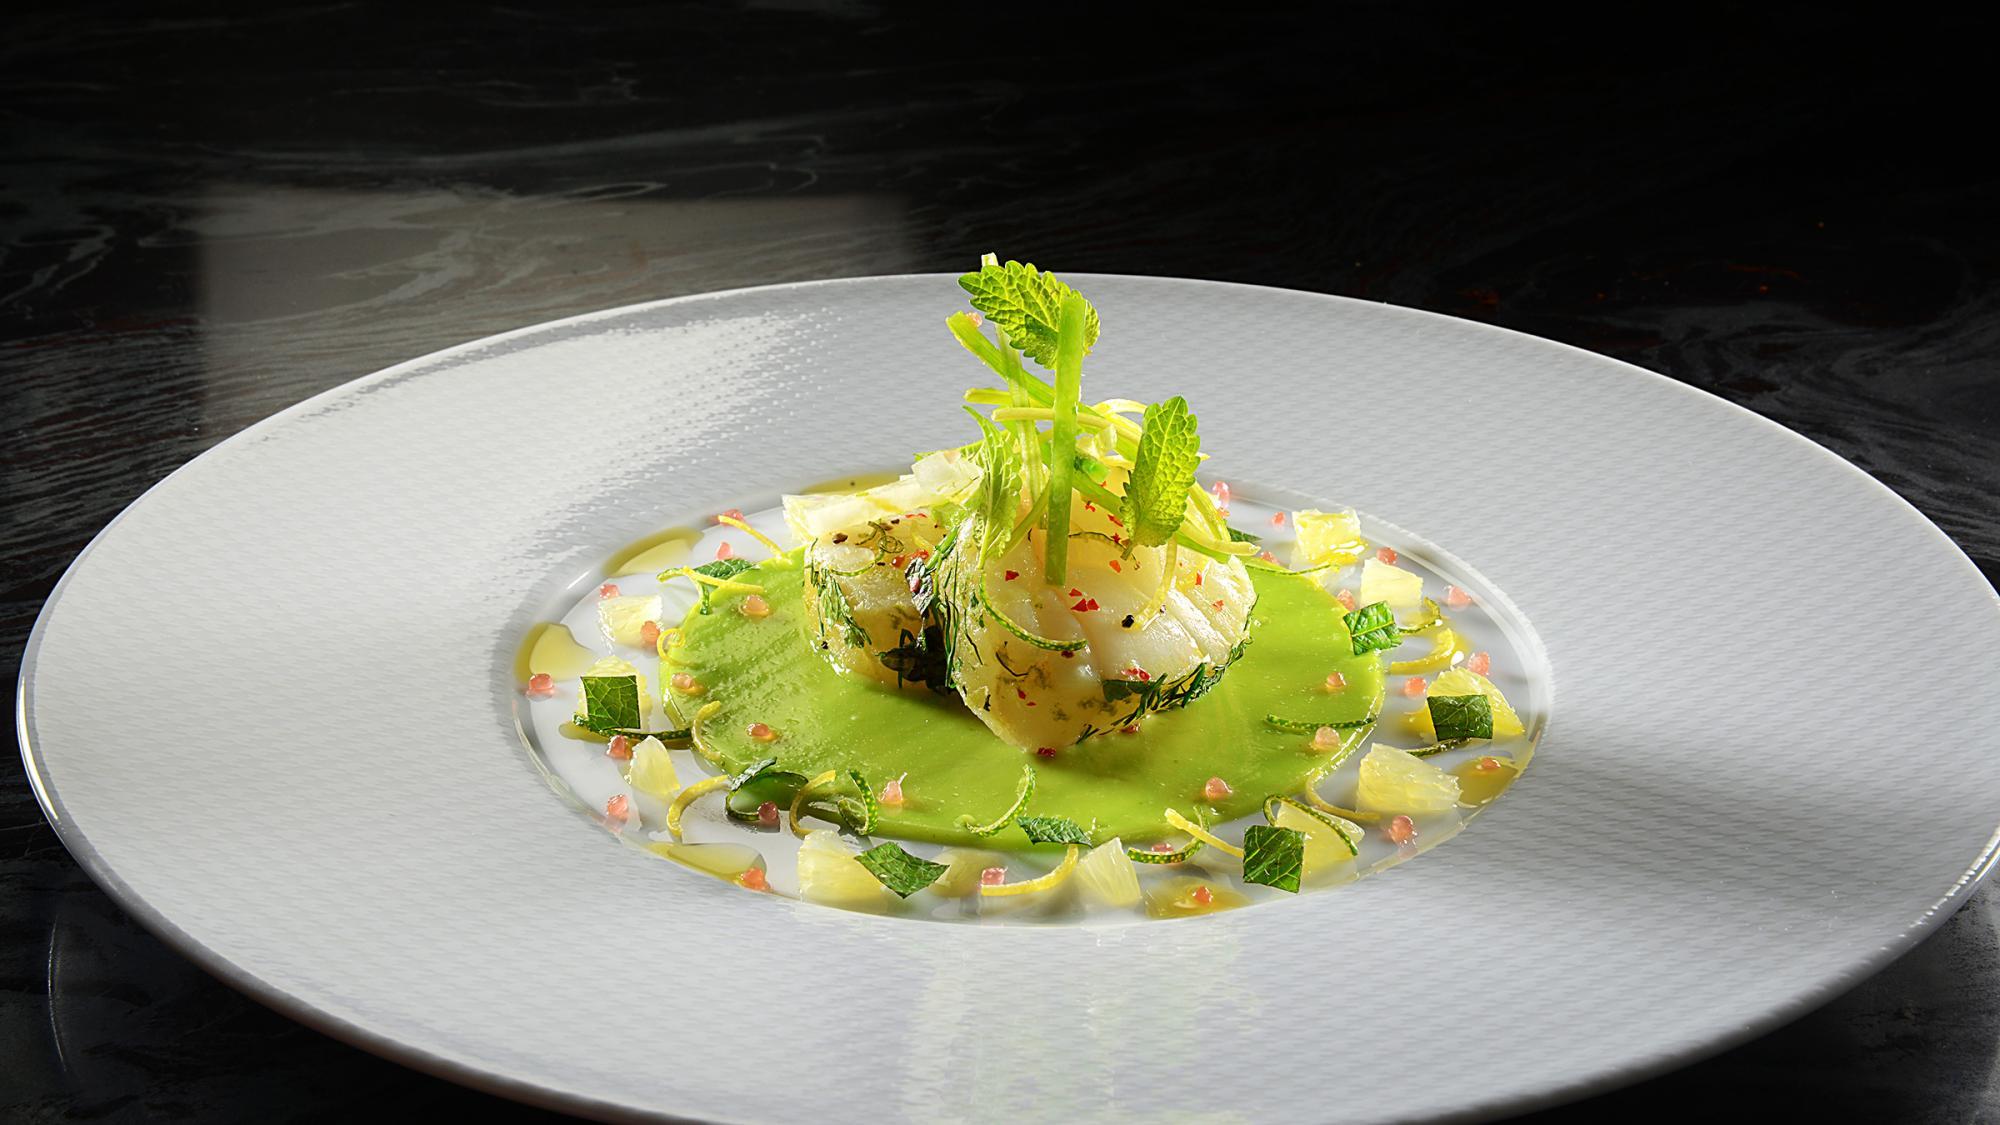 Restaurant de l 39 h tel de ville lausanne tourisme - Restaurant cuisine moleculaire suisse ...